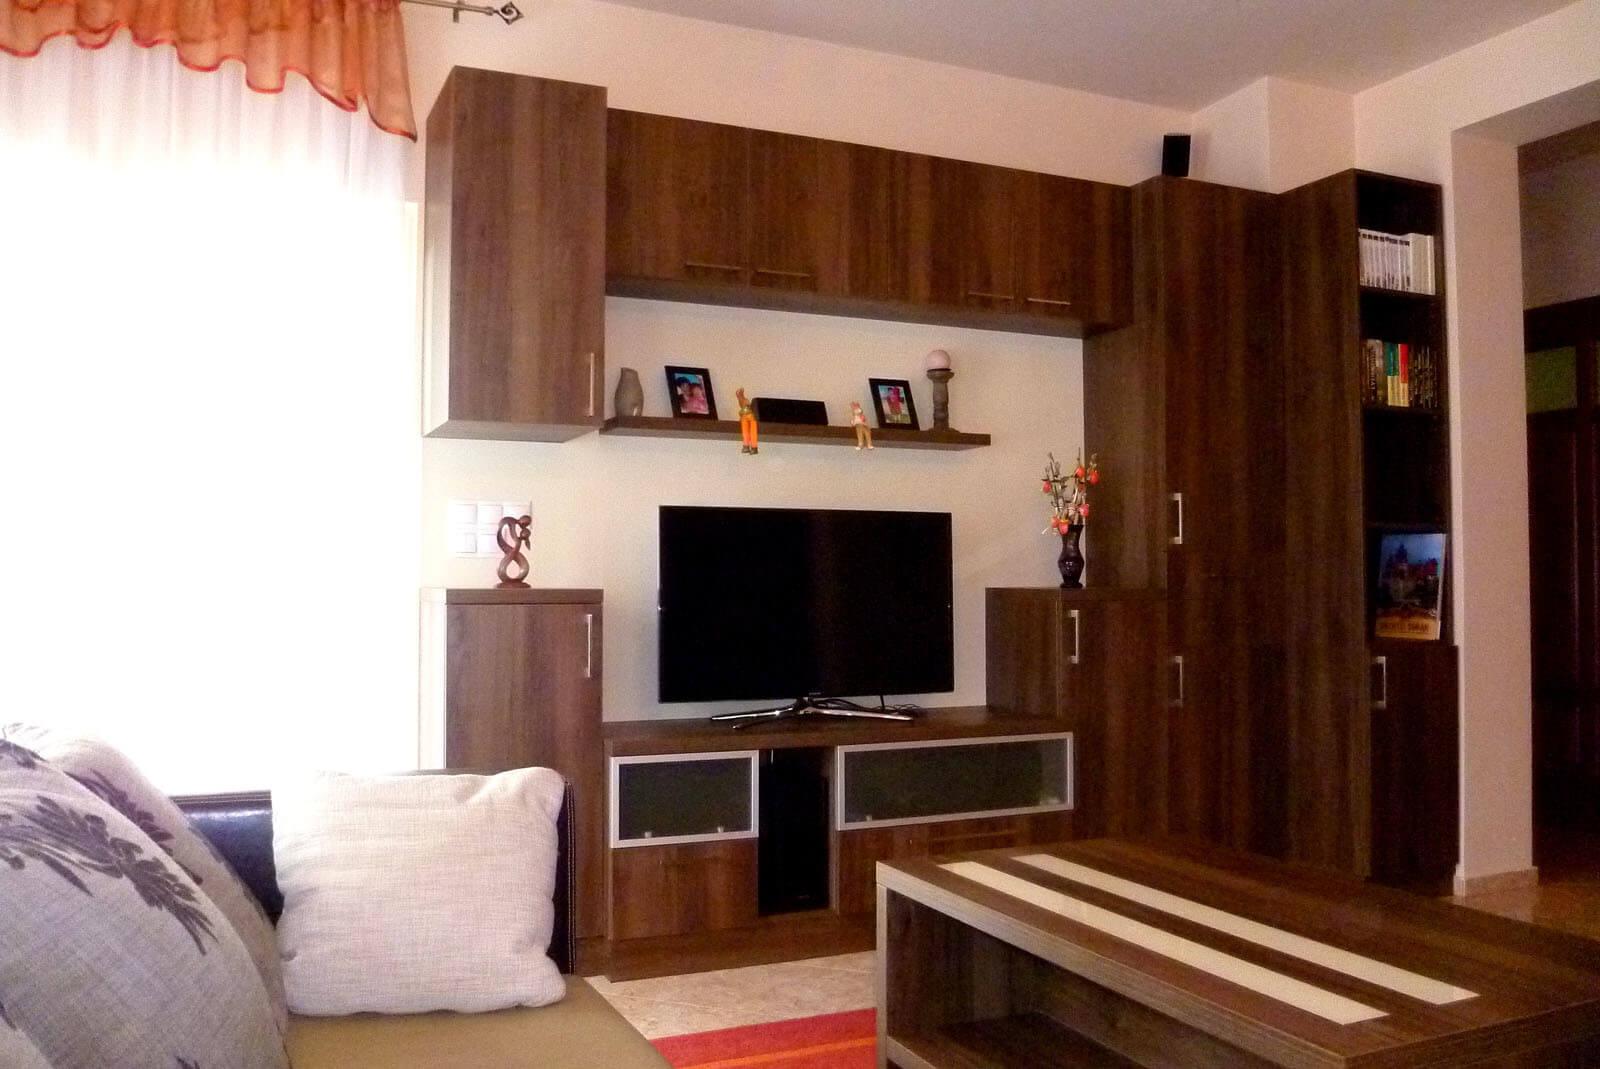 Egyedi nappali bútor készítés alukeretes savmart üvegbetétes ajtókkal